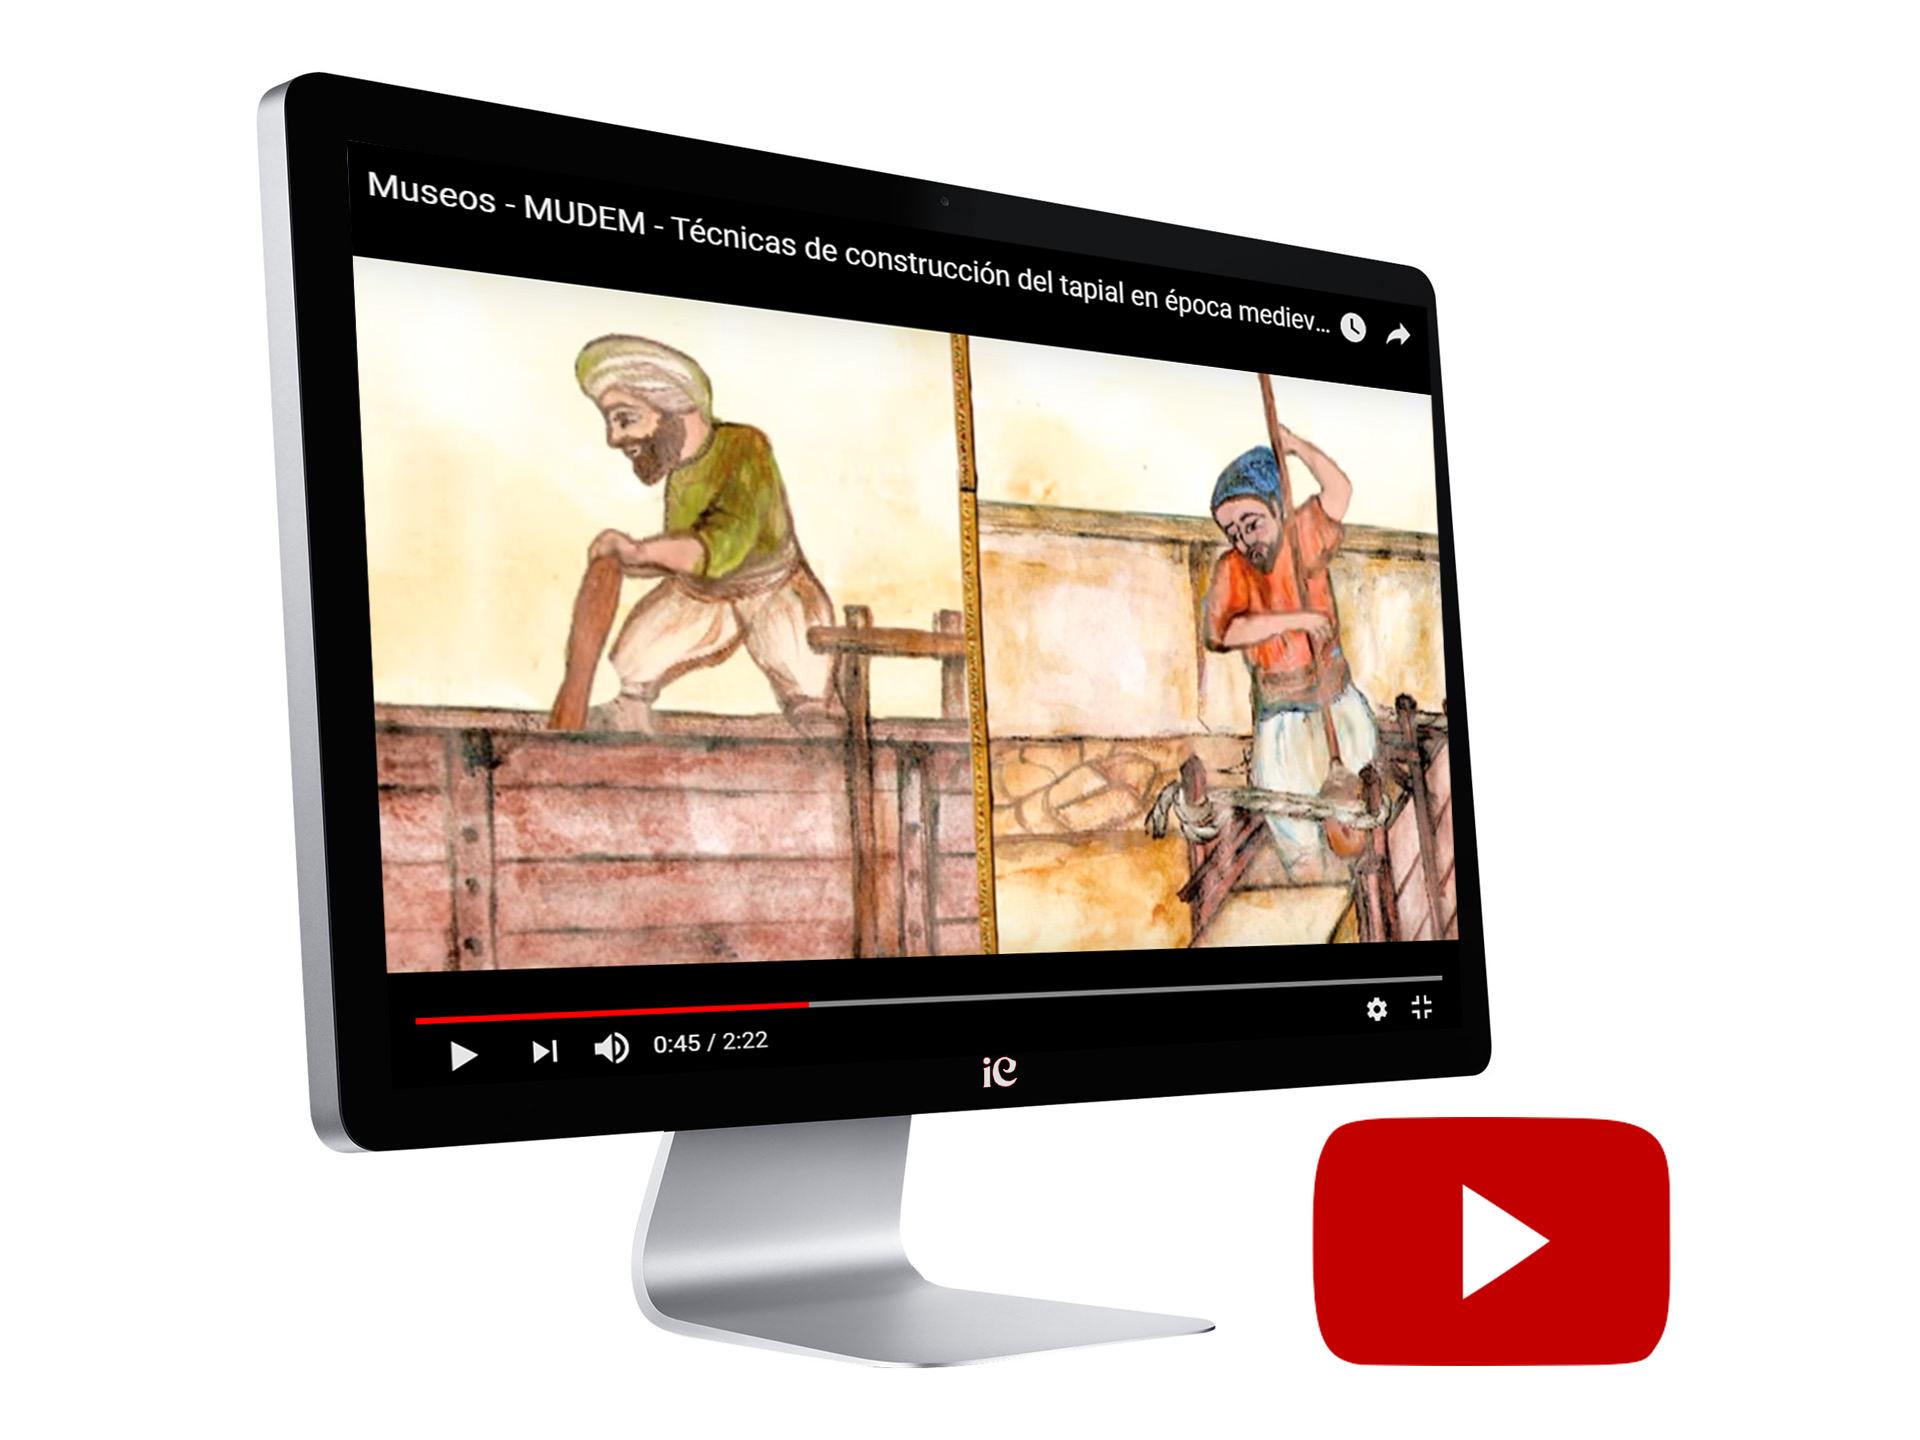 Mudem Construcción Muralla por imaginecreativo_video